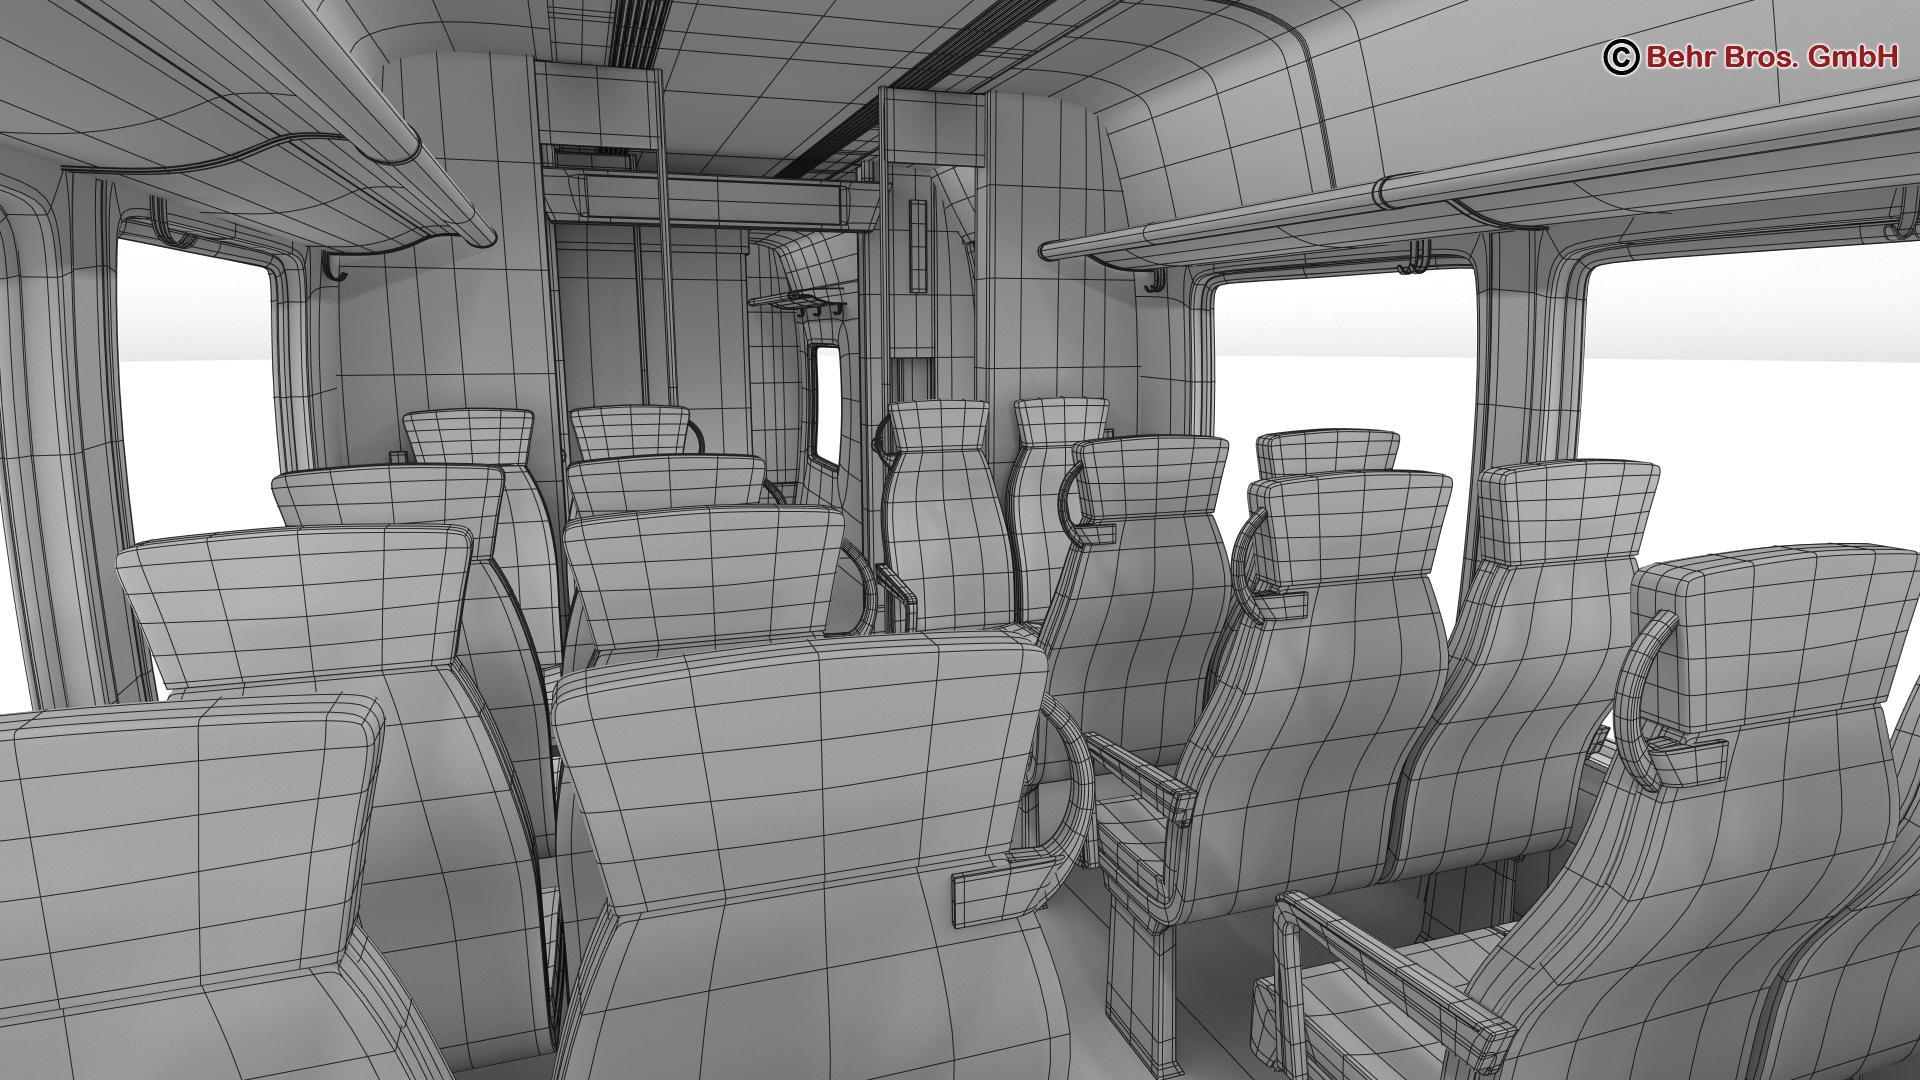 generic commuter train 3d model 3ds max fbx c4d ma mb obj 206651